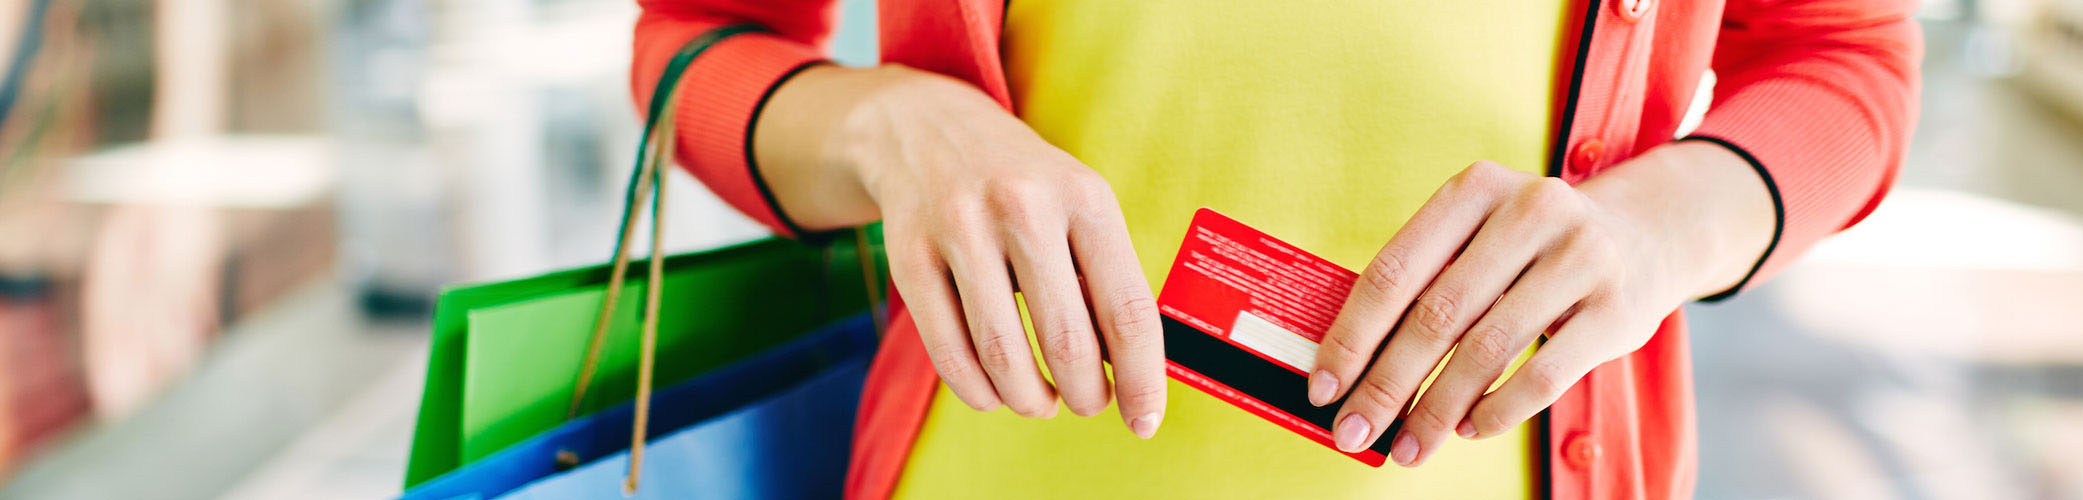 Girokonto Vergleich für Konto mit Kreditkarte